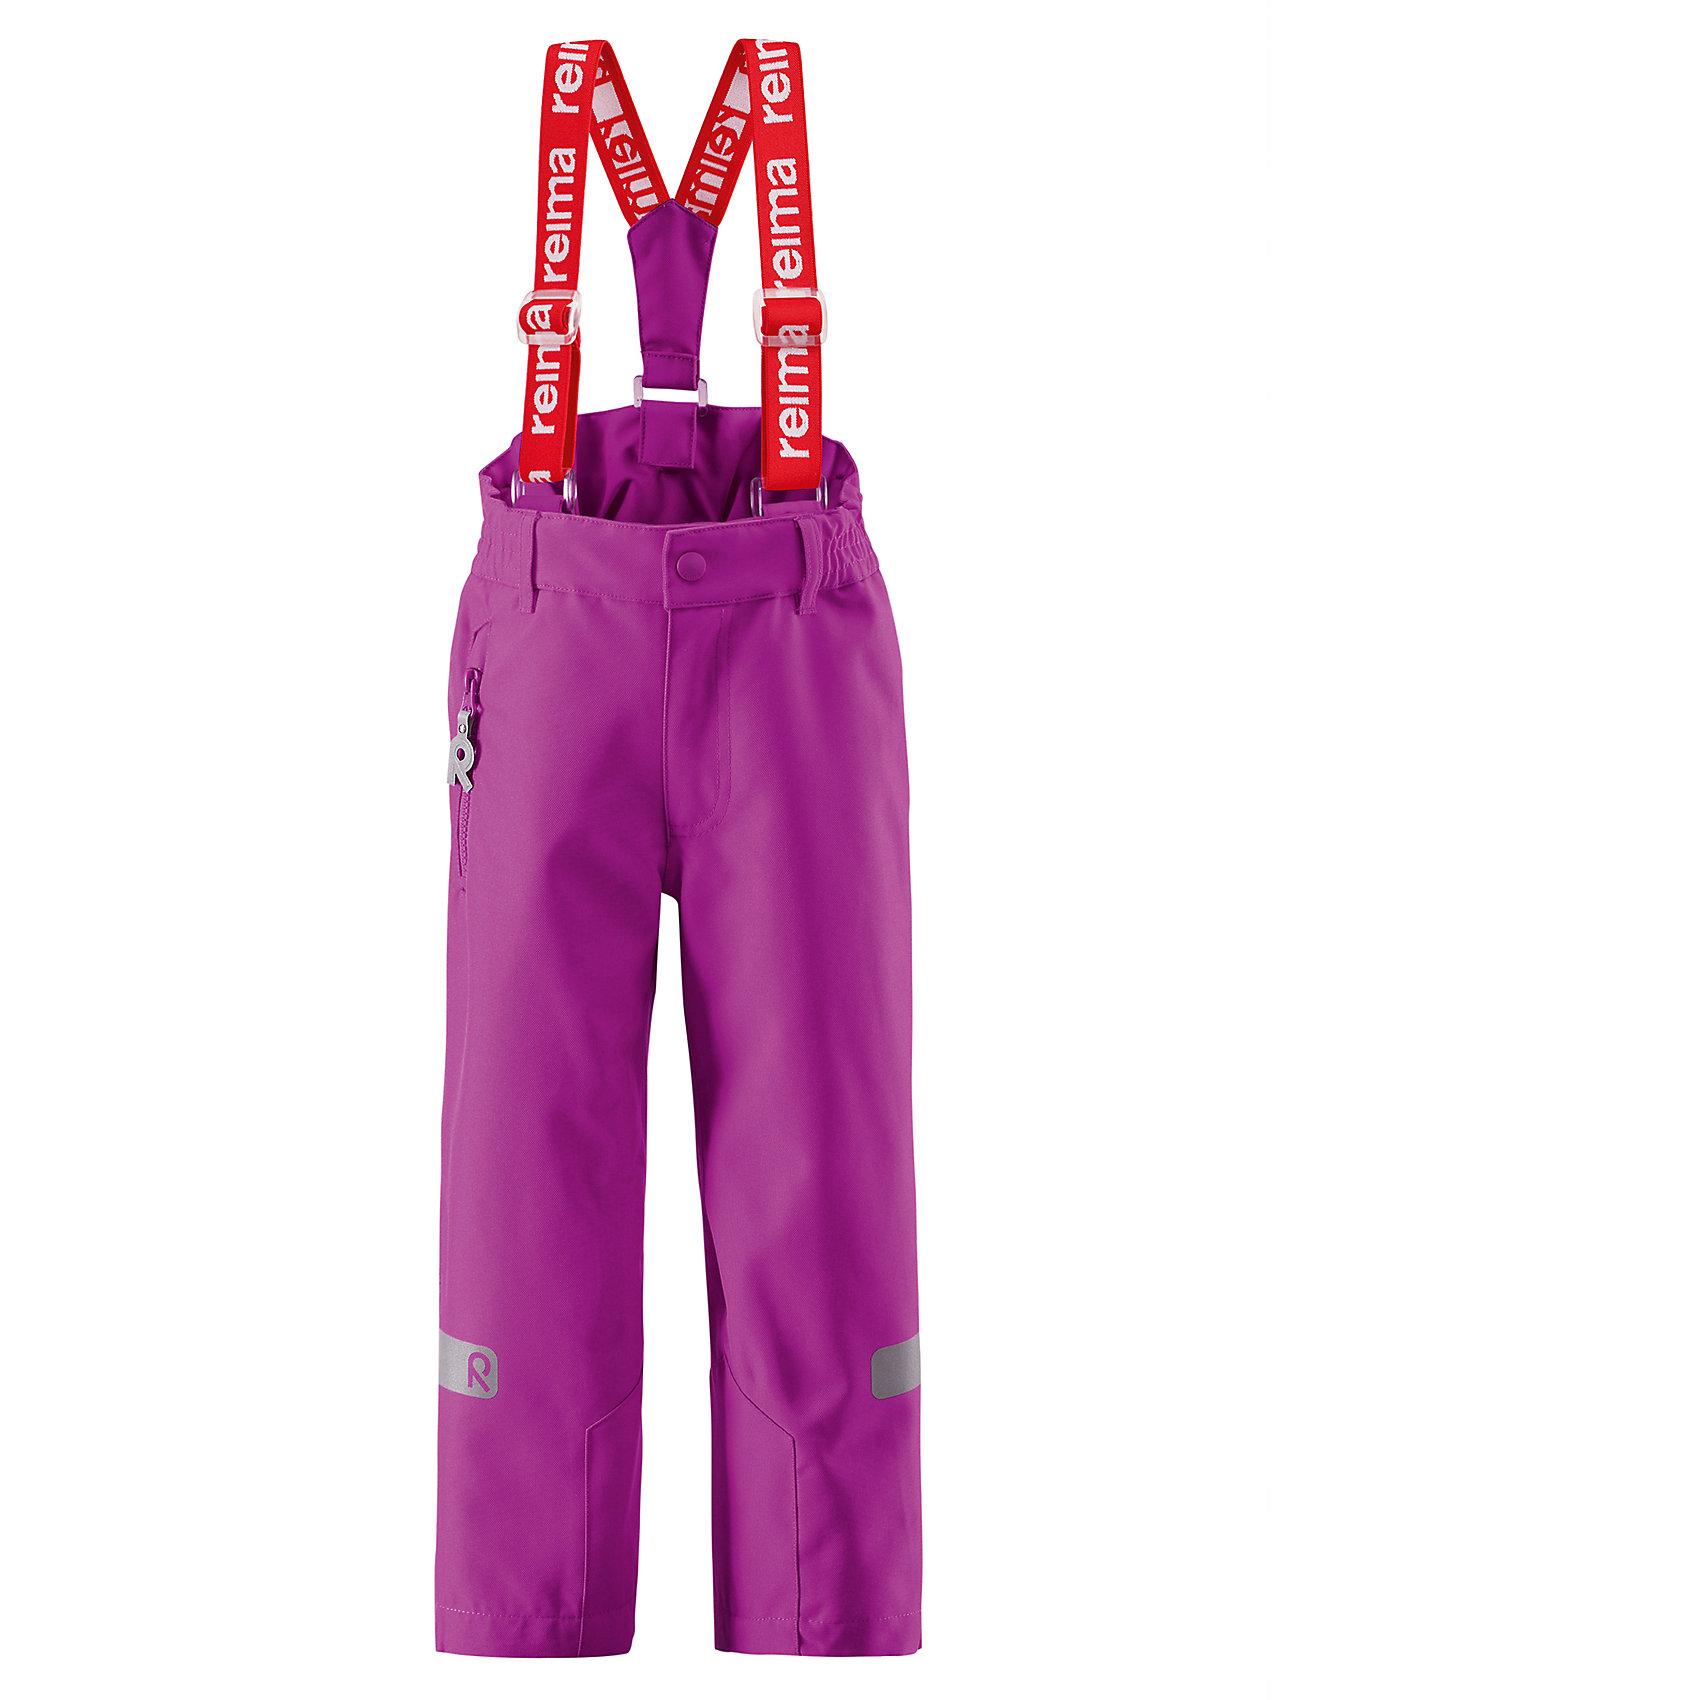 Брюки ReimaЭти брюки на подтяжках для детей для повседневной носки выполнены из водоотталкивающего и дышащего, а также очень прочного материала. Швы проклеены для максимальной защиты от воды и влаги. Регулируемые и съемные подтяжки обеспечивают хорошую посадку, а также некоторое пространство на вырост. Рекомендуется для активных видов отдыха весной и осенью. Модель для очень активных детей! <br><br>Дополнительная информация:<br><br>Брюки демисезонные для детей Kiddo®<br>Все швы проклеены и водонепроницаемы<br>Сверхпрочный материал<br>Водо- и ветронепроницаемый, «дышащий» и грязеотталкивающий материал<br>Регулируемые брючины<br>Карман на молнии<br>Регулируемые подтяжки<br>Состав:<br>100% ПЭ, ПУ-покрытие<br>Уход:<br>Стирать по отдельности, вывернув наизнанку. Застегнуть молнии и липучки. Стирать моющим средством, не содержащим отбеливающие вещества. Полоскать без специального средства. Во избежание изменения цвета изделие необходимо вынуть из стиральной машинки незамедлительно после окончания программы стирки. Сушить при низкой температуре.<br><br>Ширина мм: 215<br>Глубина мм: 88<br>Высота мм: 191<br>Вес г: 336<br>Цвет: розовый<br>Возраст от месяцев: 84<br>Возраст до месяцев: 96<br>Пол: Женский<br>Возраст: Детский<br>Размер: 122,140,128,98,104,110,92,116,134<br>SKU: 4496867